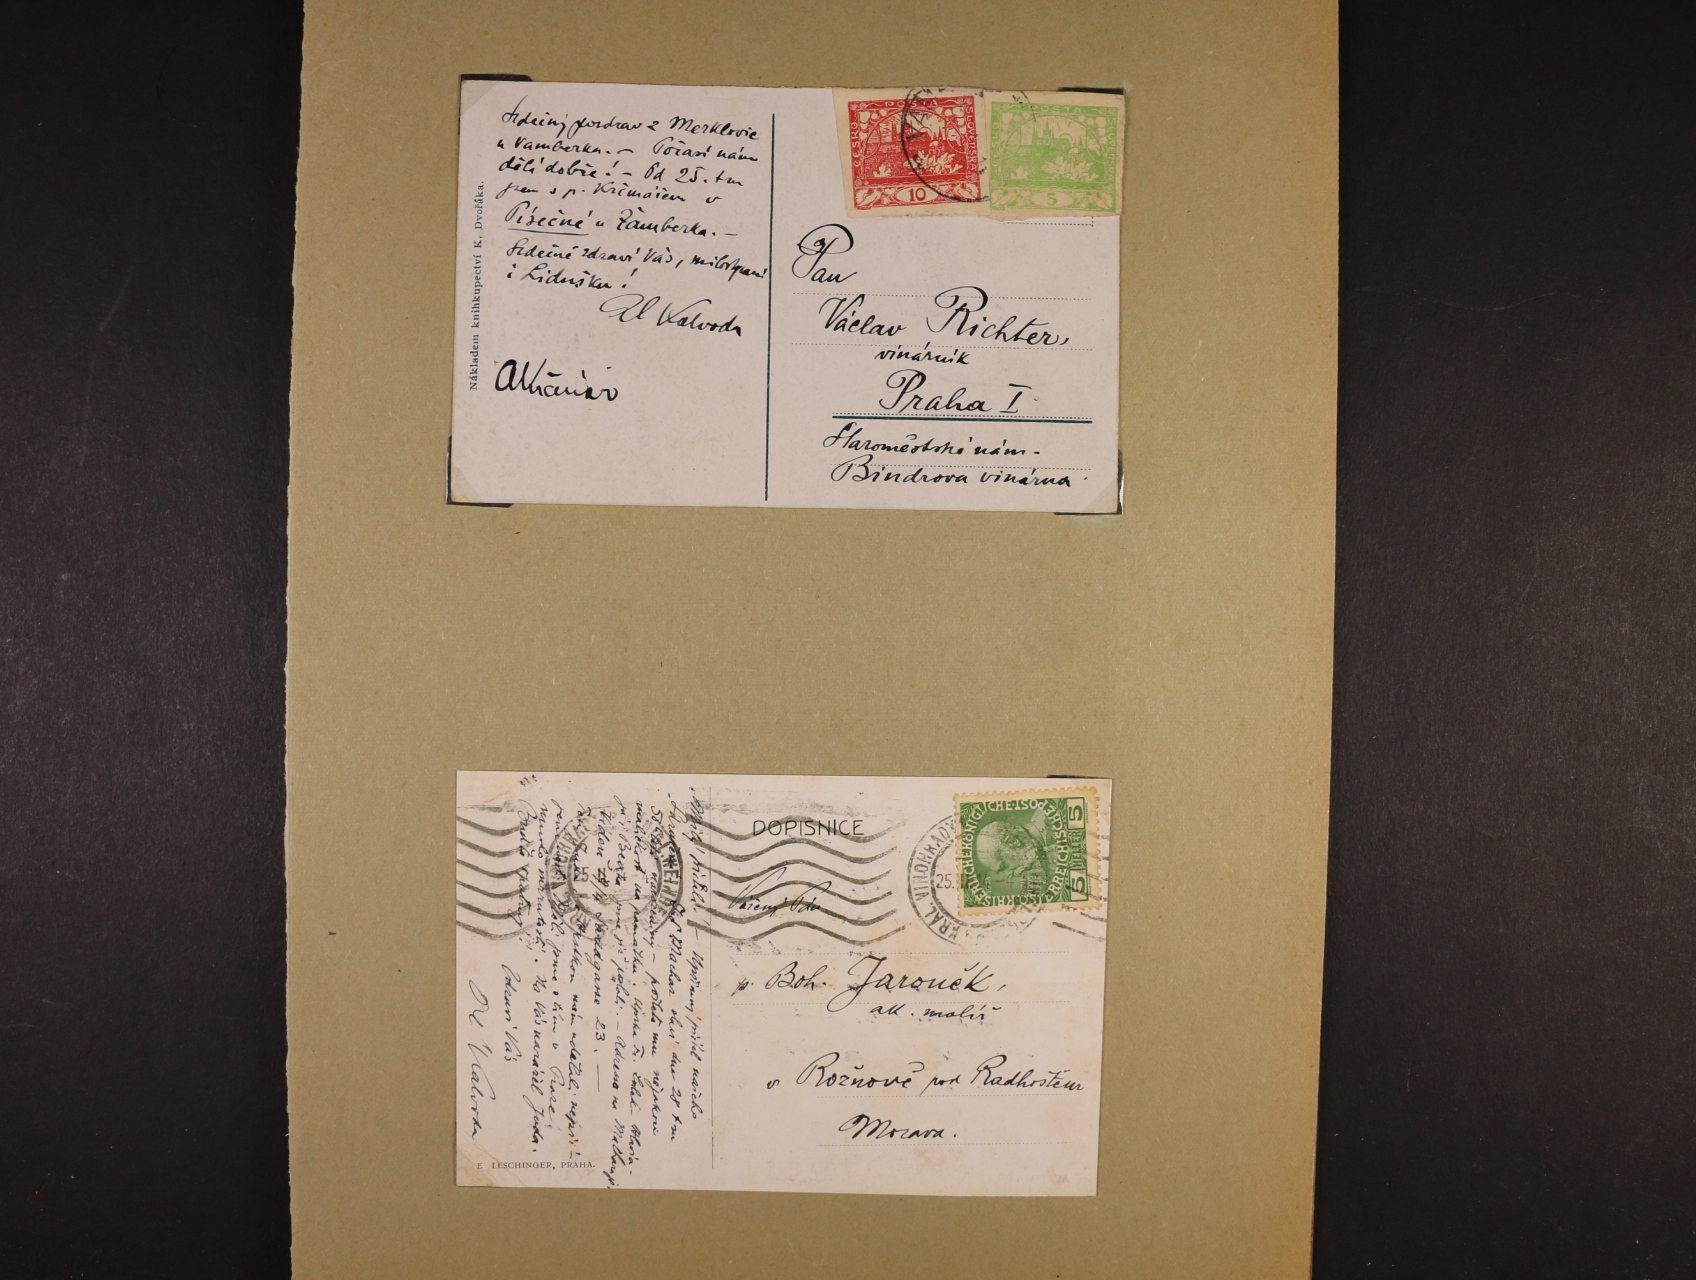 Kalvoda Alois 1875 - 1934, význačný český malíř krajinář a grafik - dopis a dvě pohlednice s textem a vlastnoručním podpisem